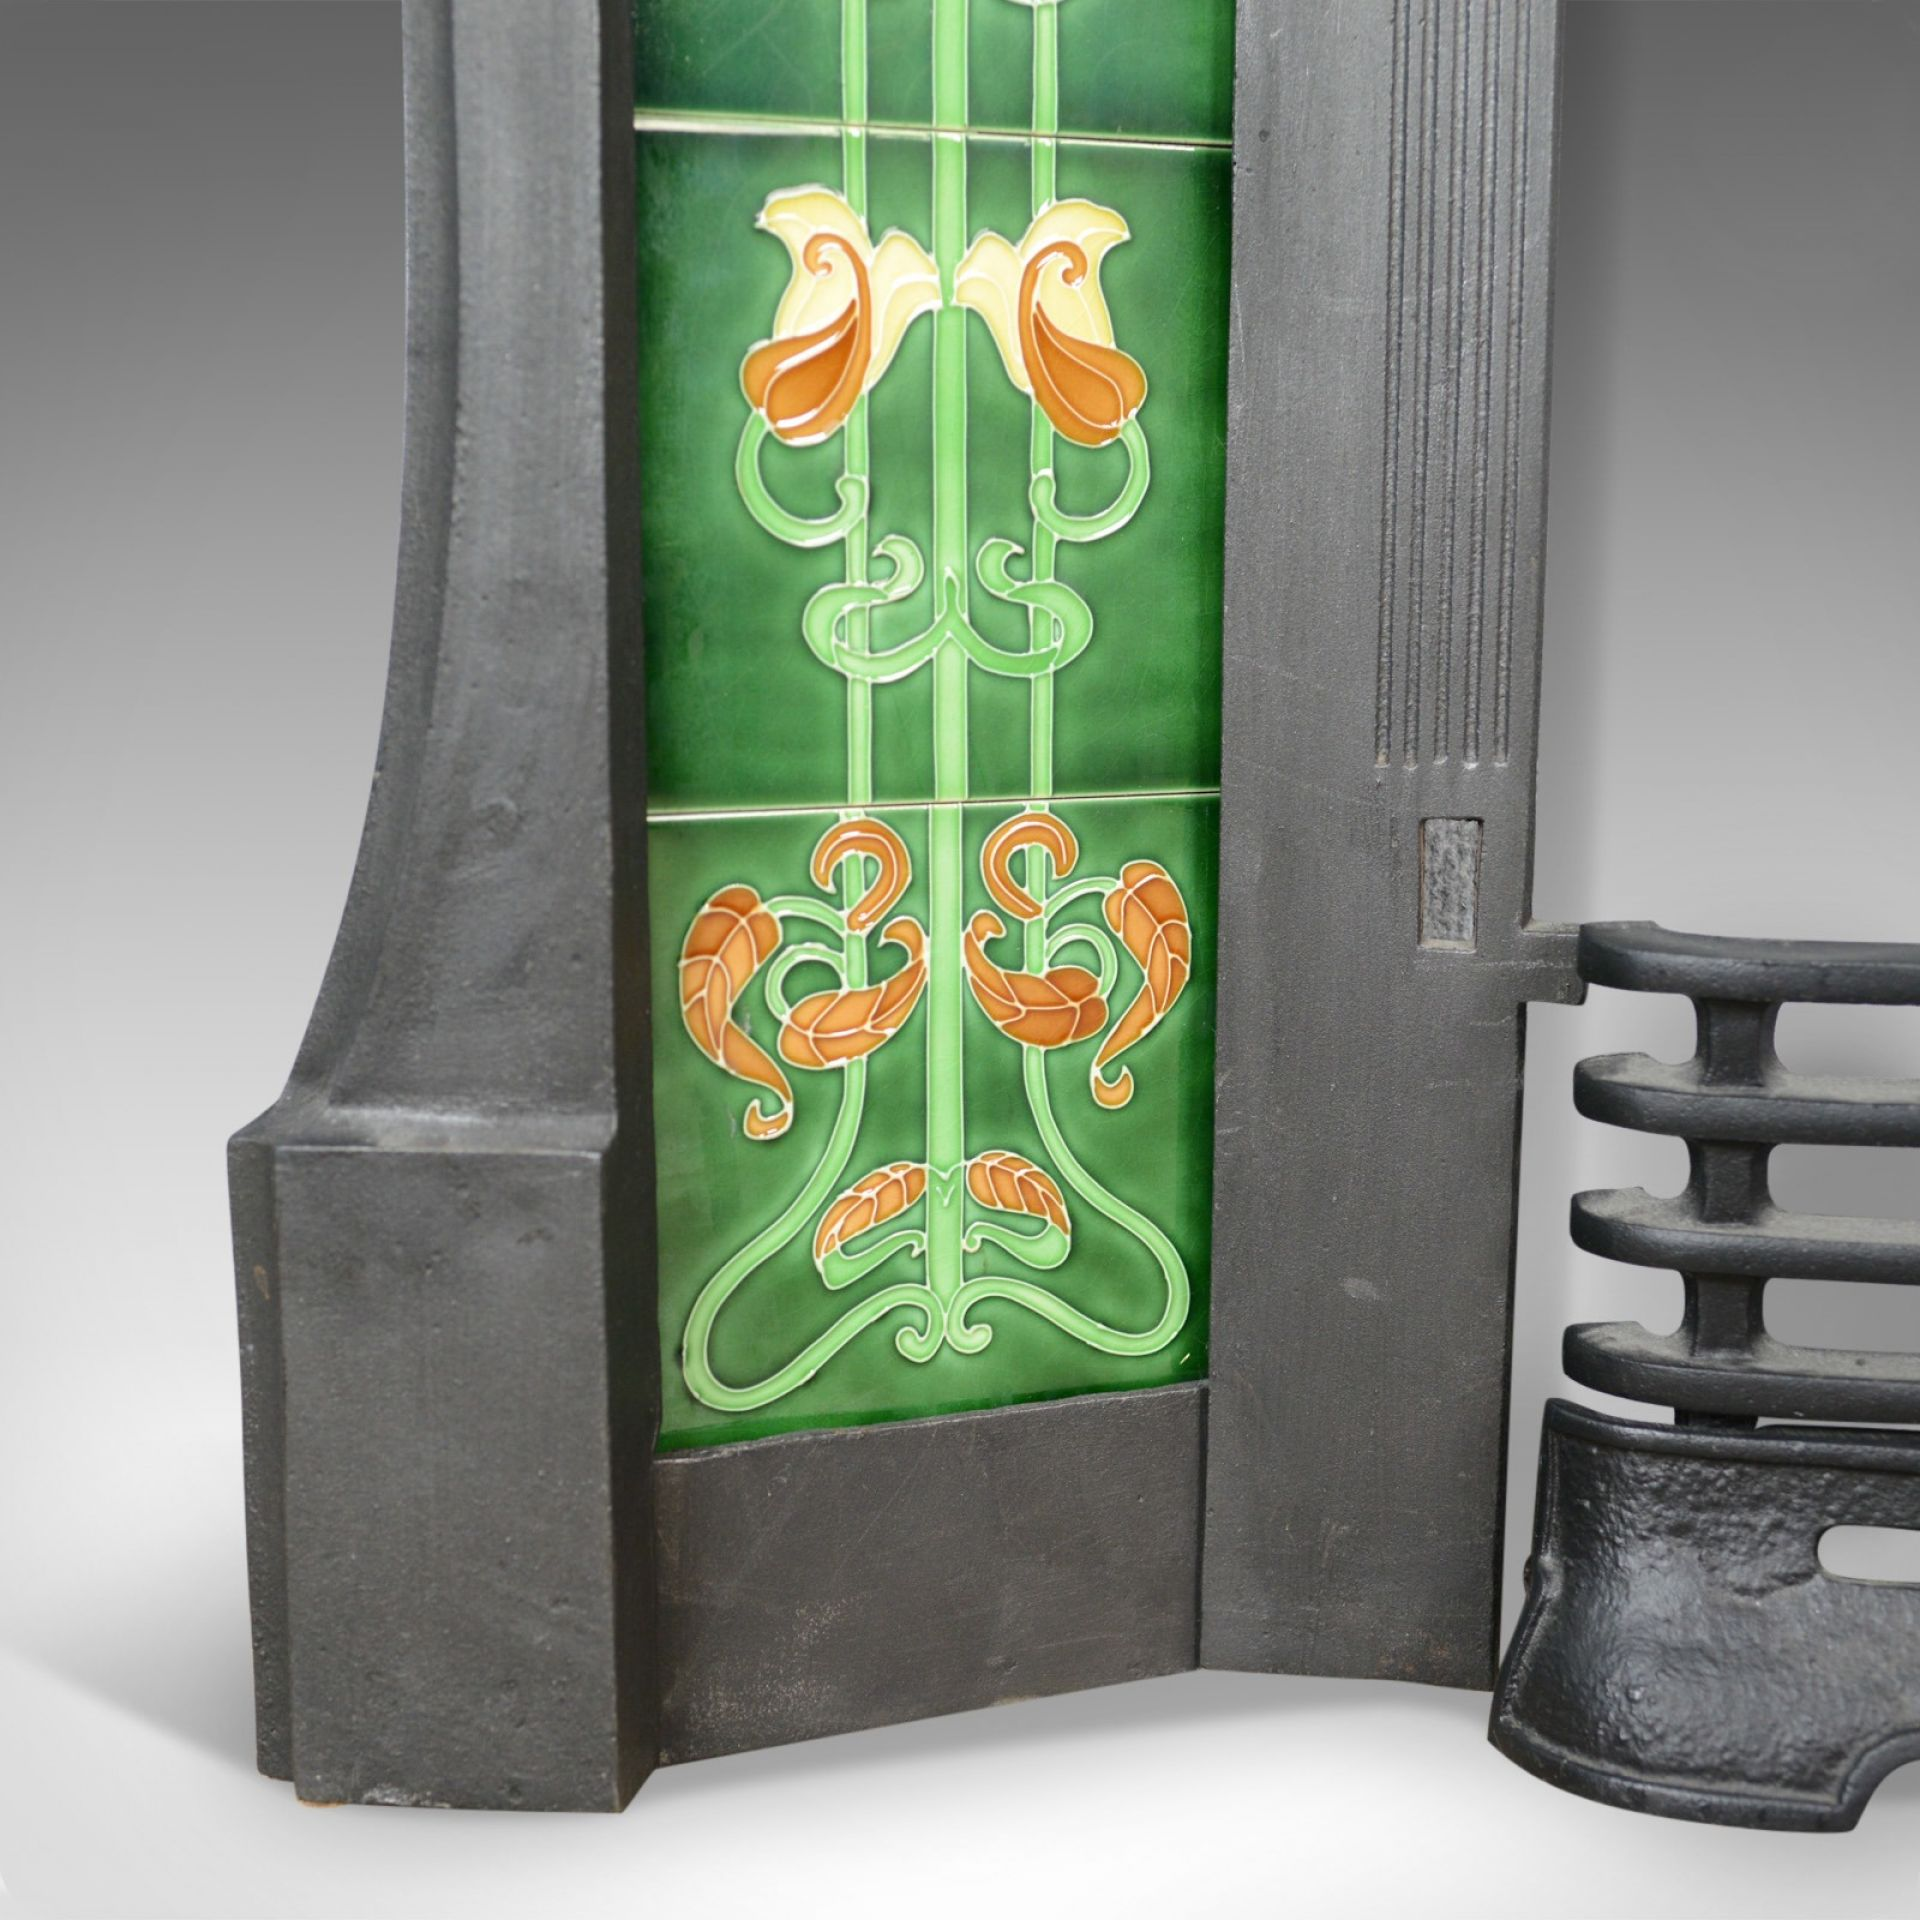 Vintage Cast Iron Fire Surround, Art Nouveau Taste, Late 20th Century